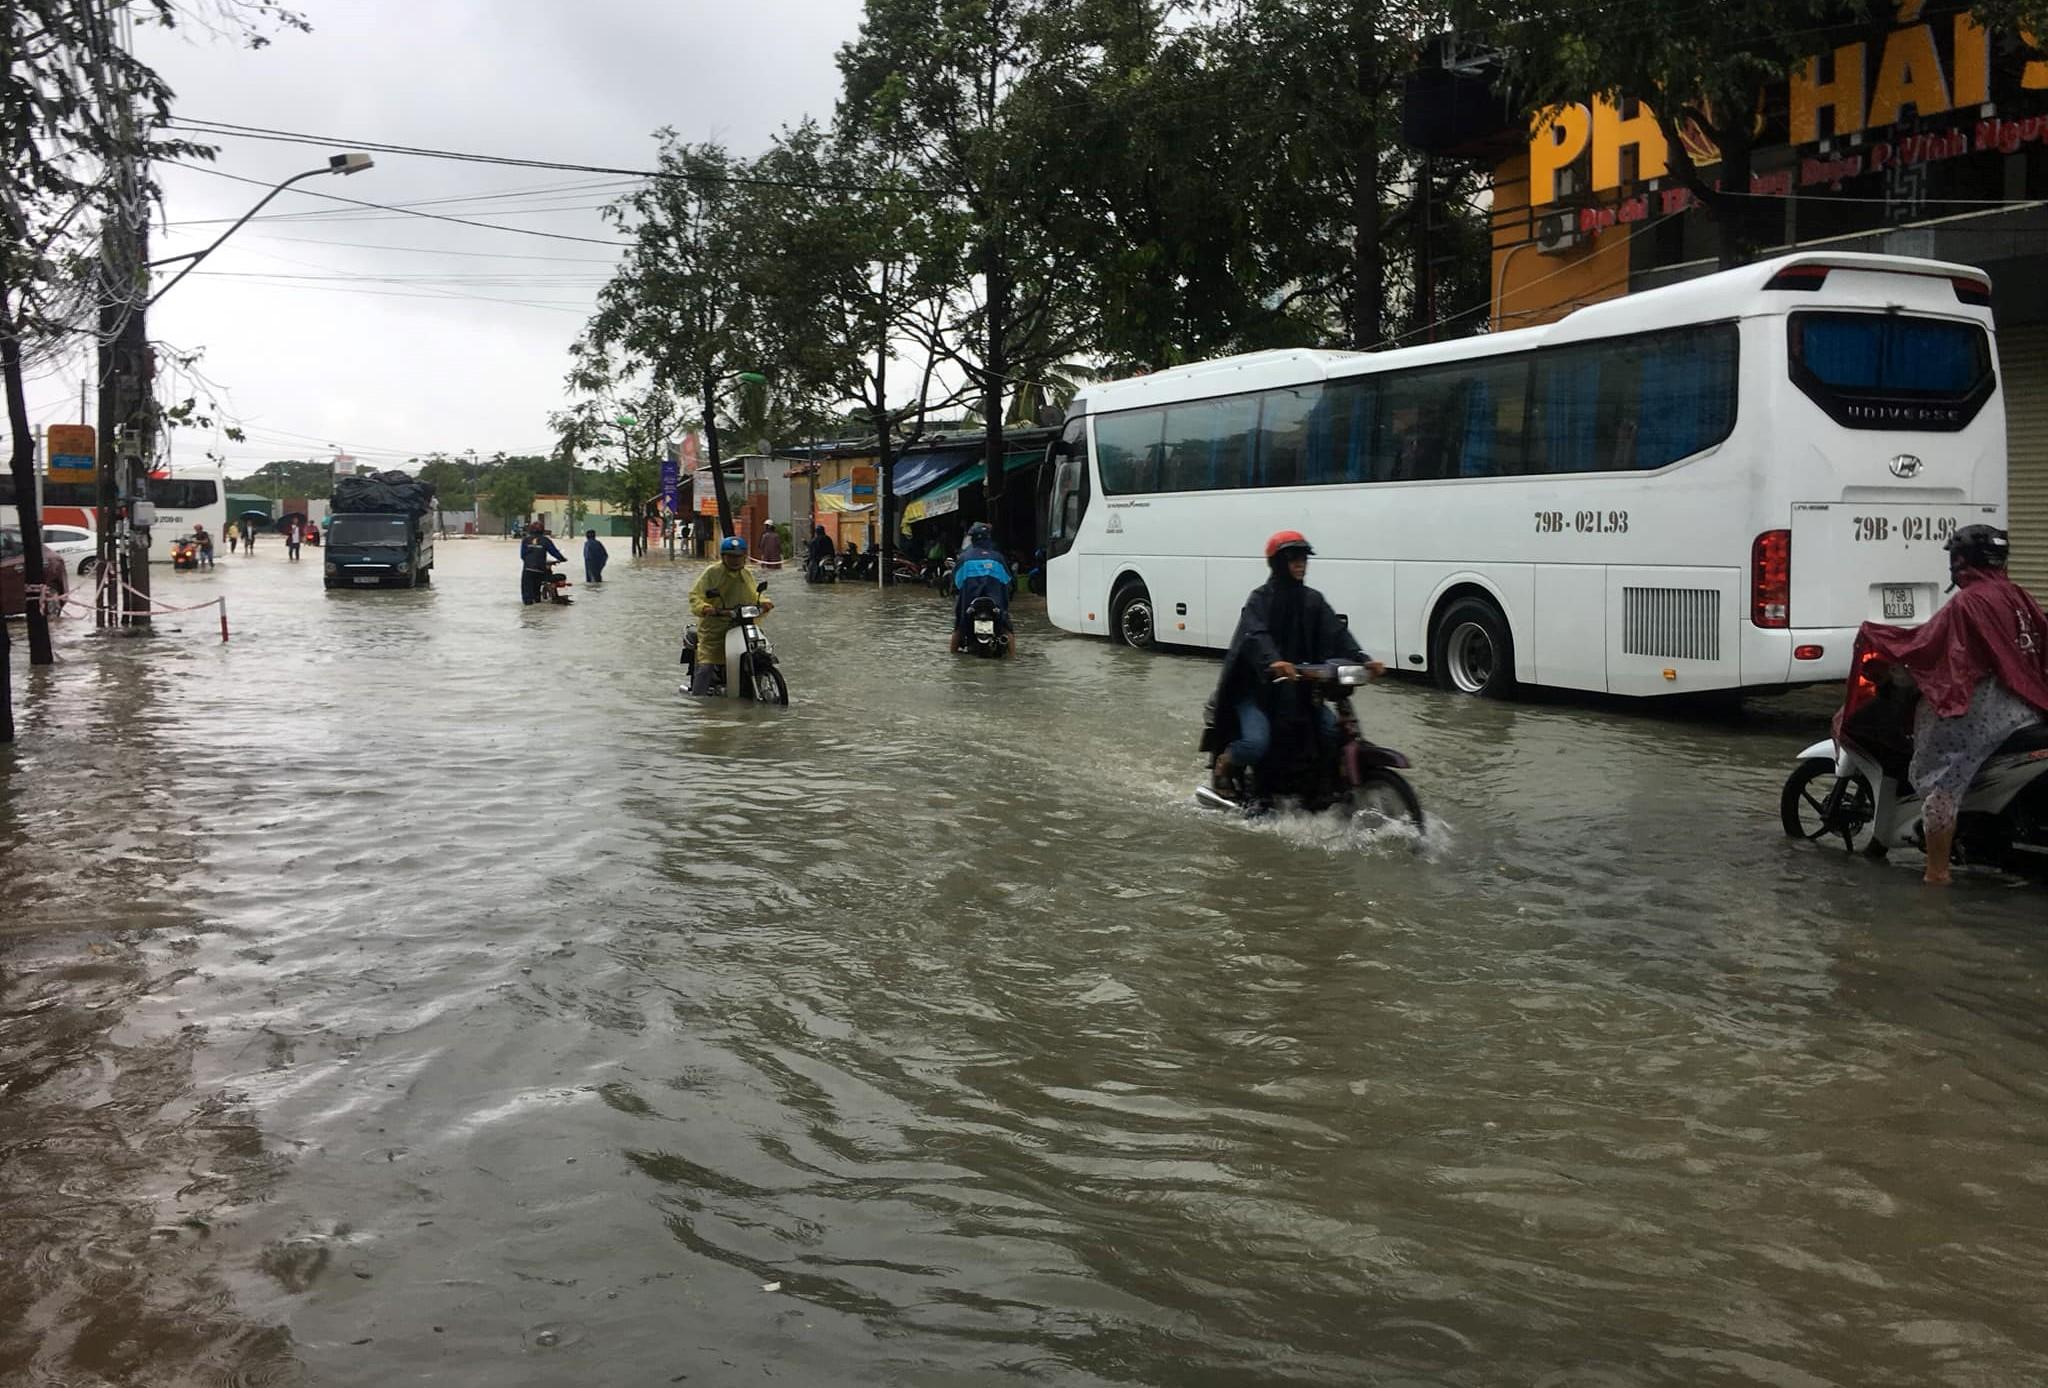 Sập quán phở ở Nha Trang, ít nhất 2 người chết, 1 người bị thương - Ảnh 2